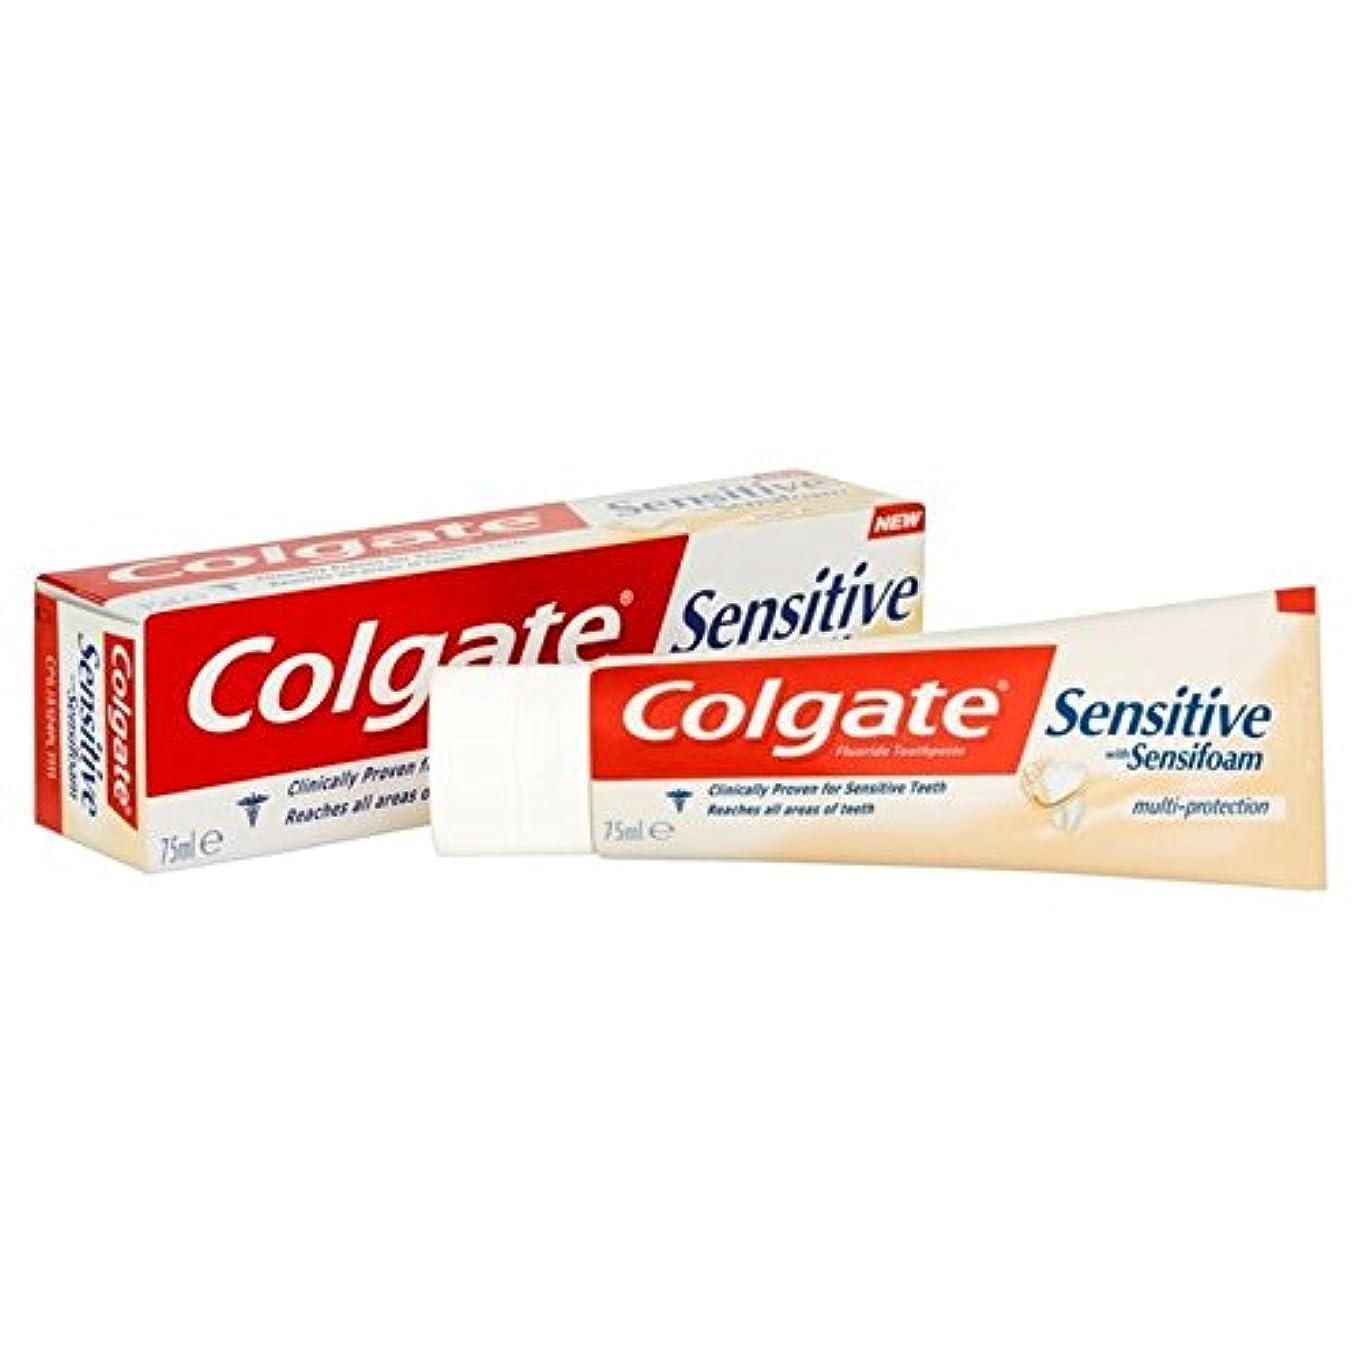 ワイン不公平側面コルゲート敏感な泡は、マルチ歯磨き粉75ミリリットルを保護します x2 - Colgate Sensitive Foam Multi Protect Toothpaste 75ml (Pack of 2) [並行輸入品]